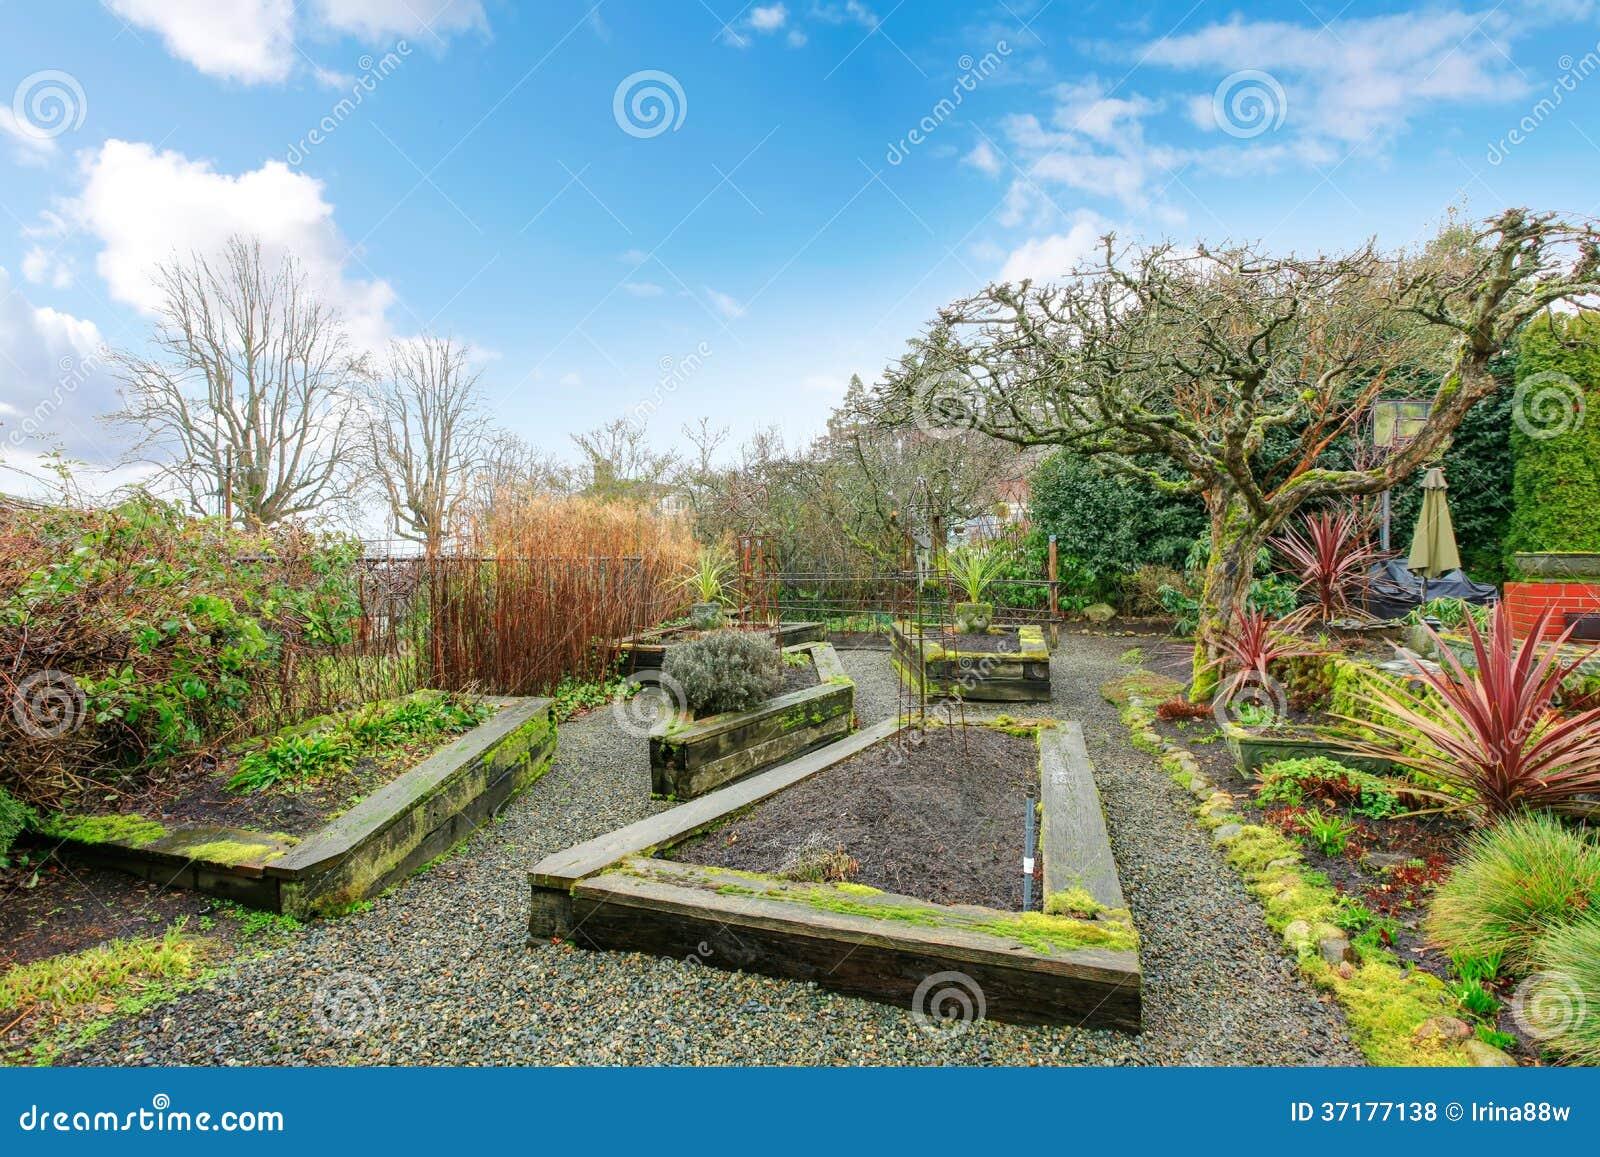 春天有花圃的后院庭院.图片